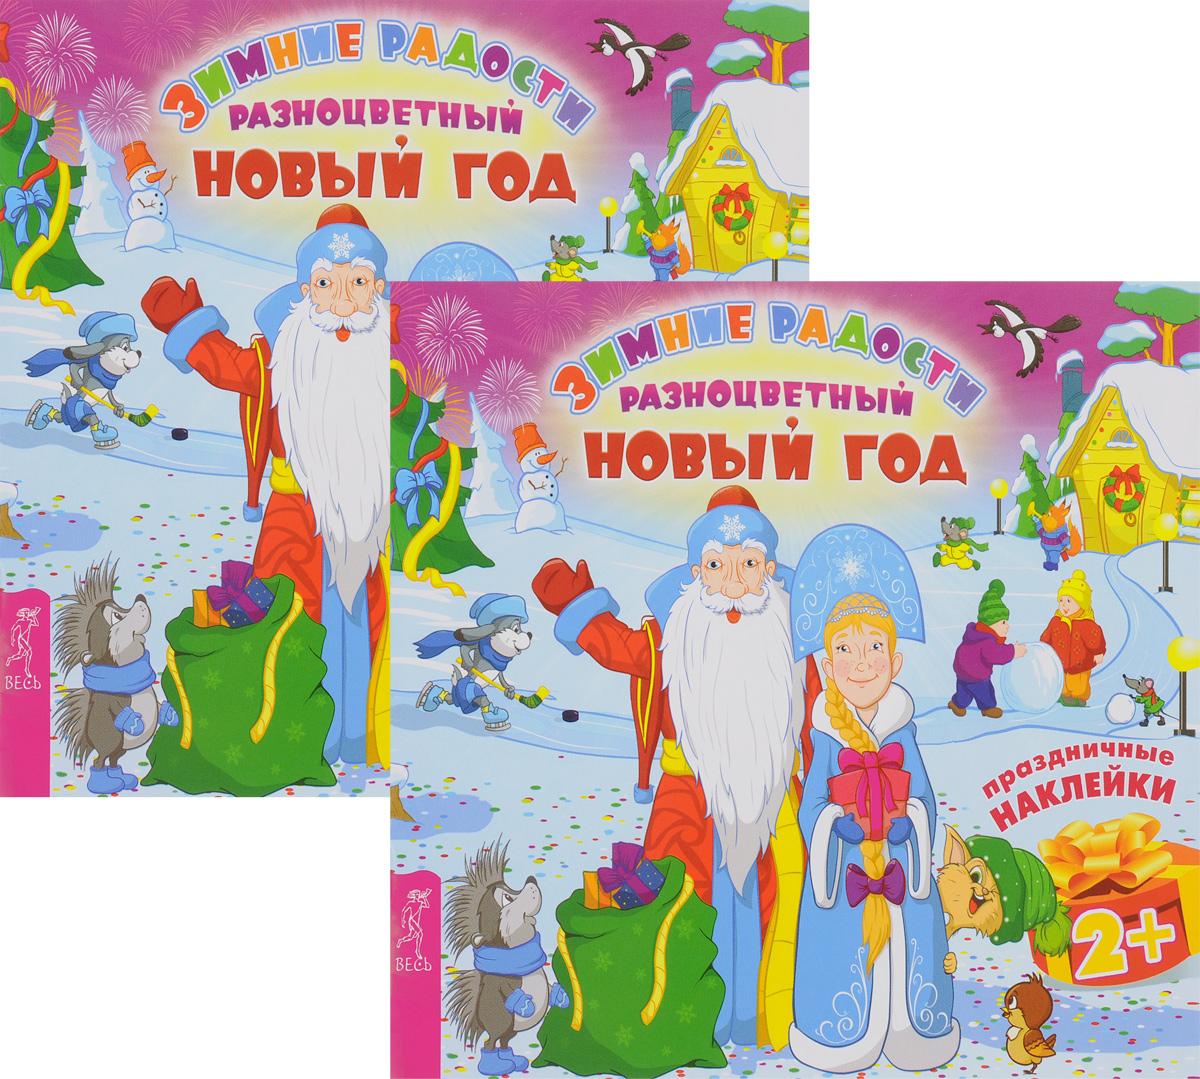 Разноцветный Новый год (комплект из 2 книг + наклейки)12296407В комплект входят две одинаковые книги. Зимние радости - это серия ярких, праздничных книг с новогодними наклейками. Красочное оформление и интересные задания сделают работу с книгой увлекательной и захватывающей! Задания и картинки заинтересуют и малышей, и детей постарше, а занятия с наклейками помогут в развитии абстрактного мышления, логики, пространственного воображения, координации движений. В книге Разноцветный Новый год показана вся палитра красок и цветов: красная одежда Деда Мороза, оранжевый огонь в камине, голубая шубка Снегурочки, зеленые елочки, желтые огни фонарей и многое другое! Подарите ребенку яркие впечатления и радость!